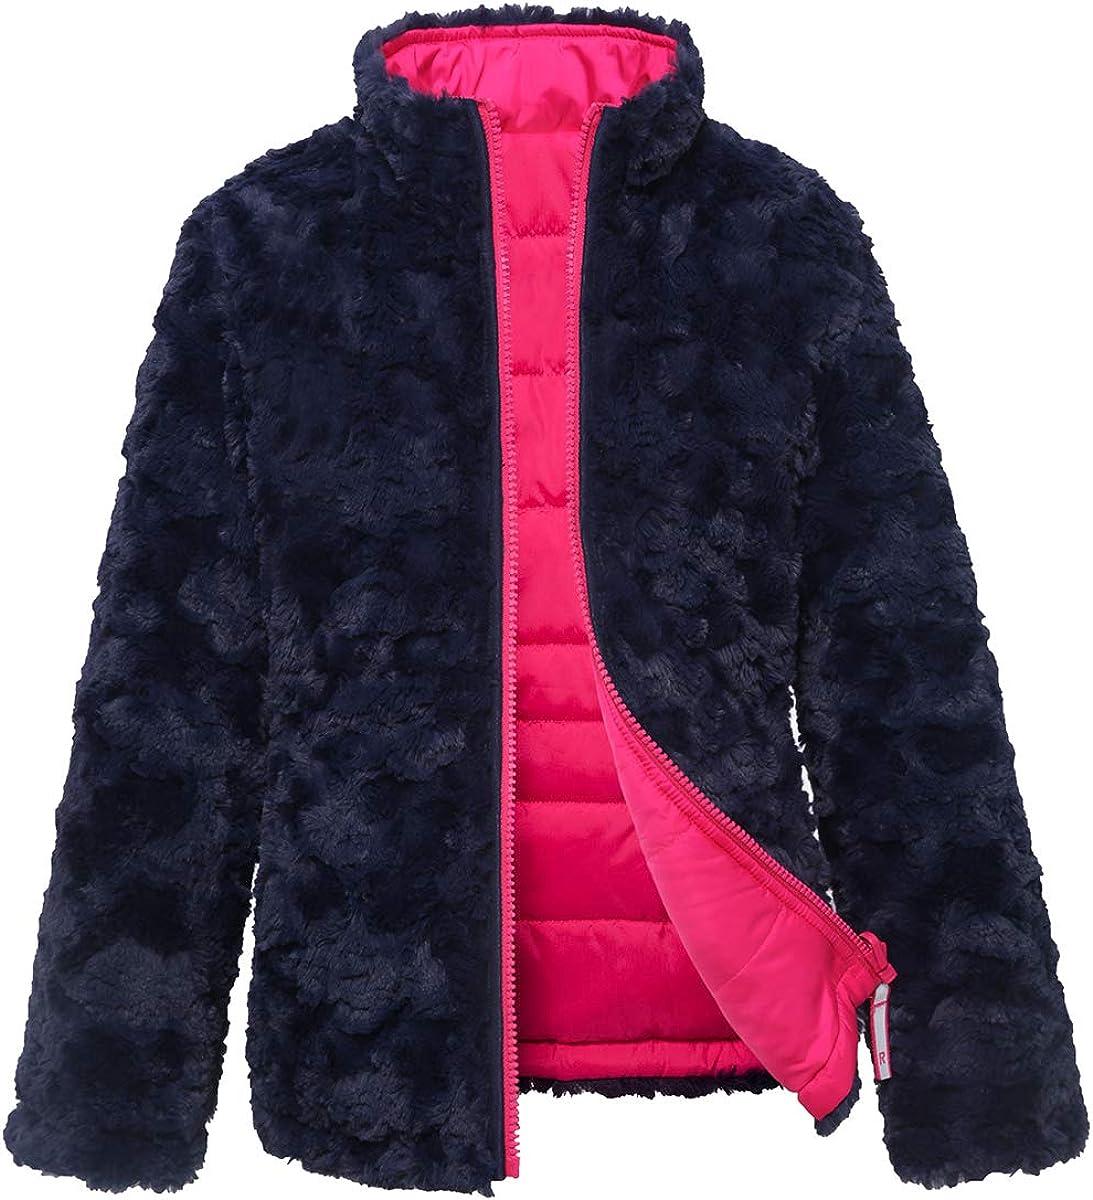 Rokka&Rolla Girls' Reversible Water-Resistant Teddy Sherpa Fleece Puffer Jacket Coat